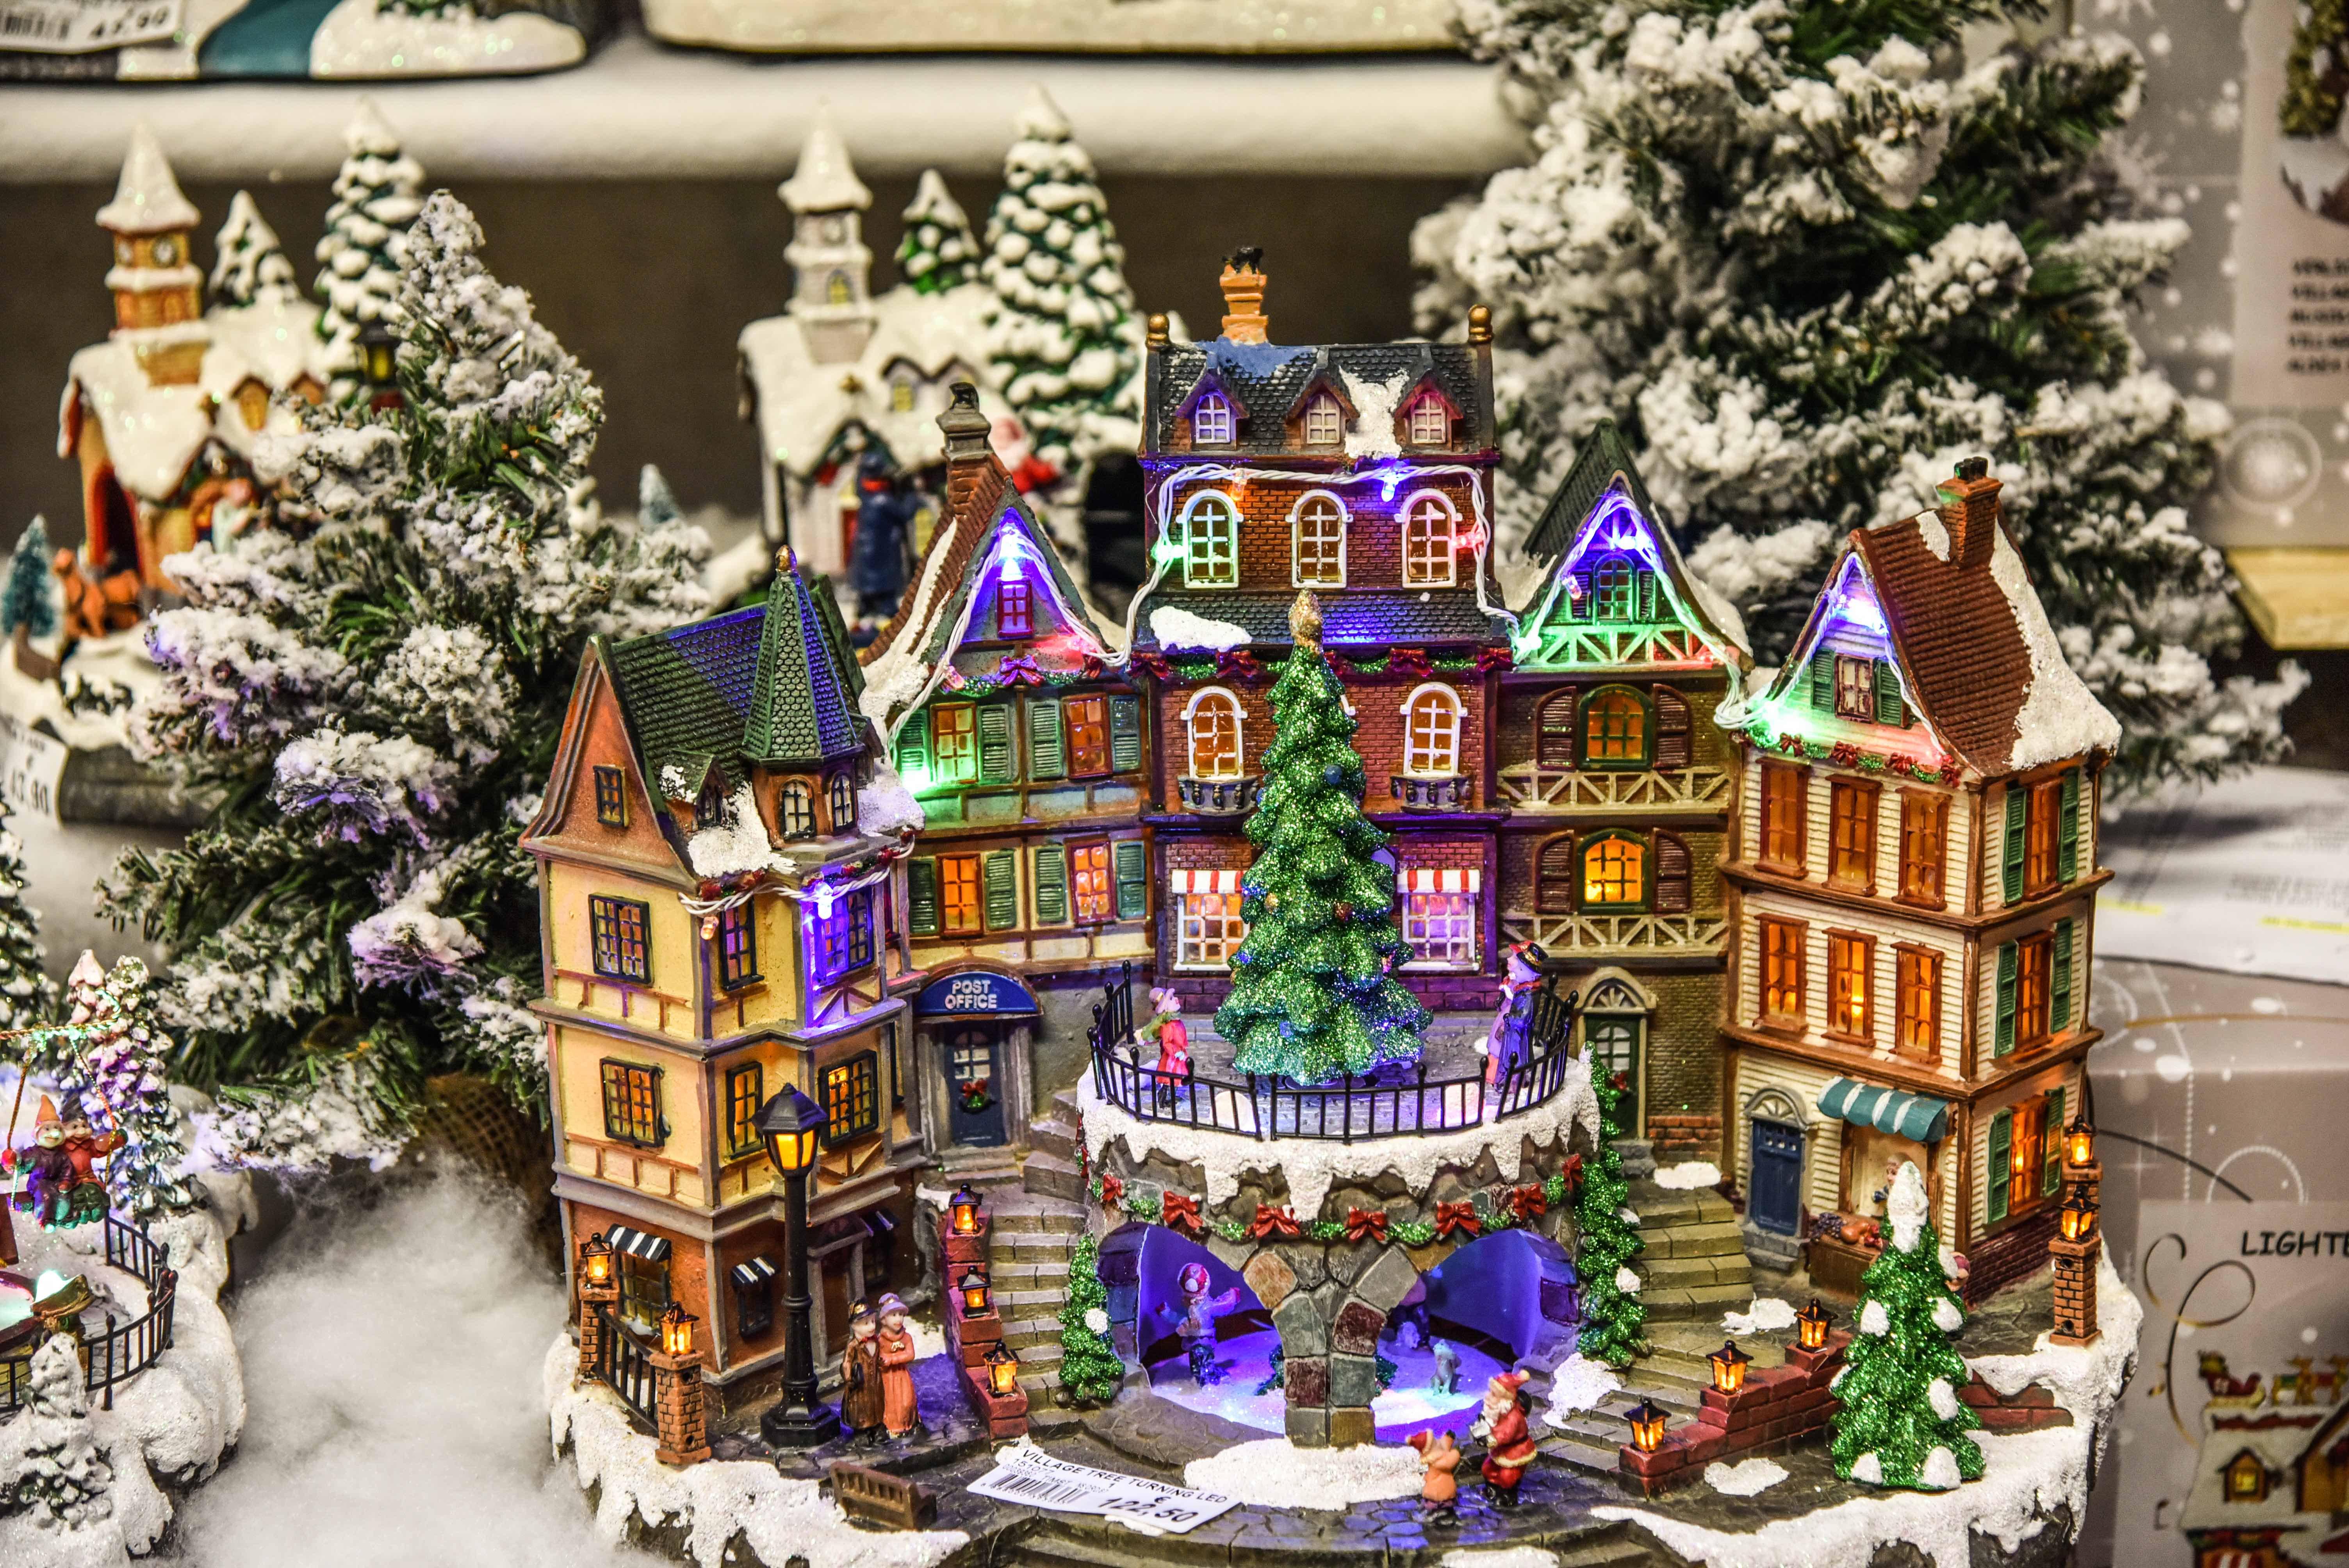 Foto Paesaggi Di Natale.Paesaggio Lemax Come Costruire Un Perfetto Villaggio Di Natale